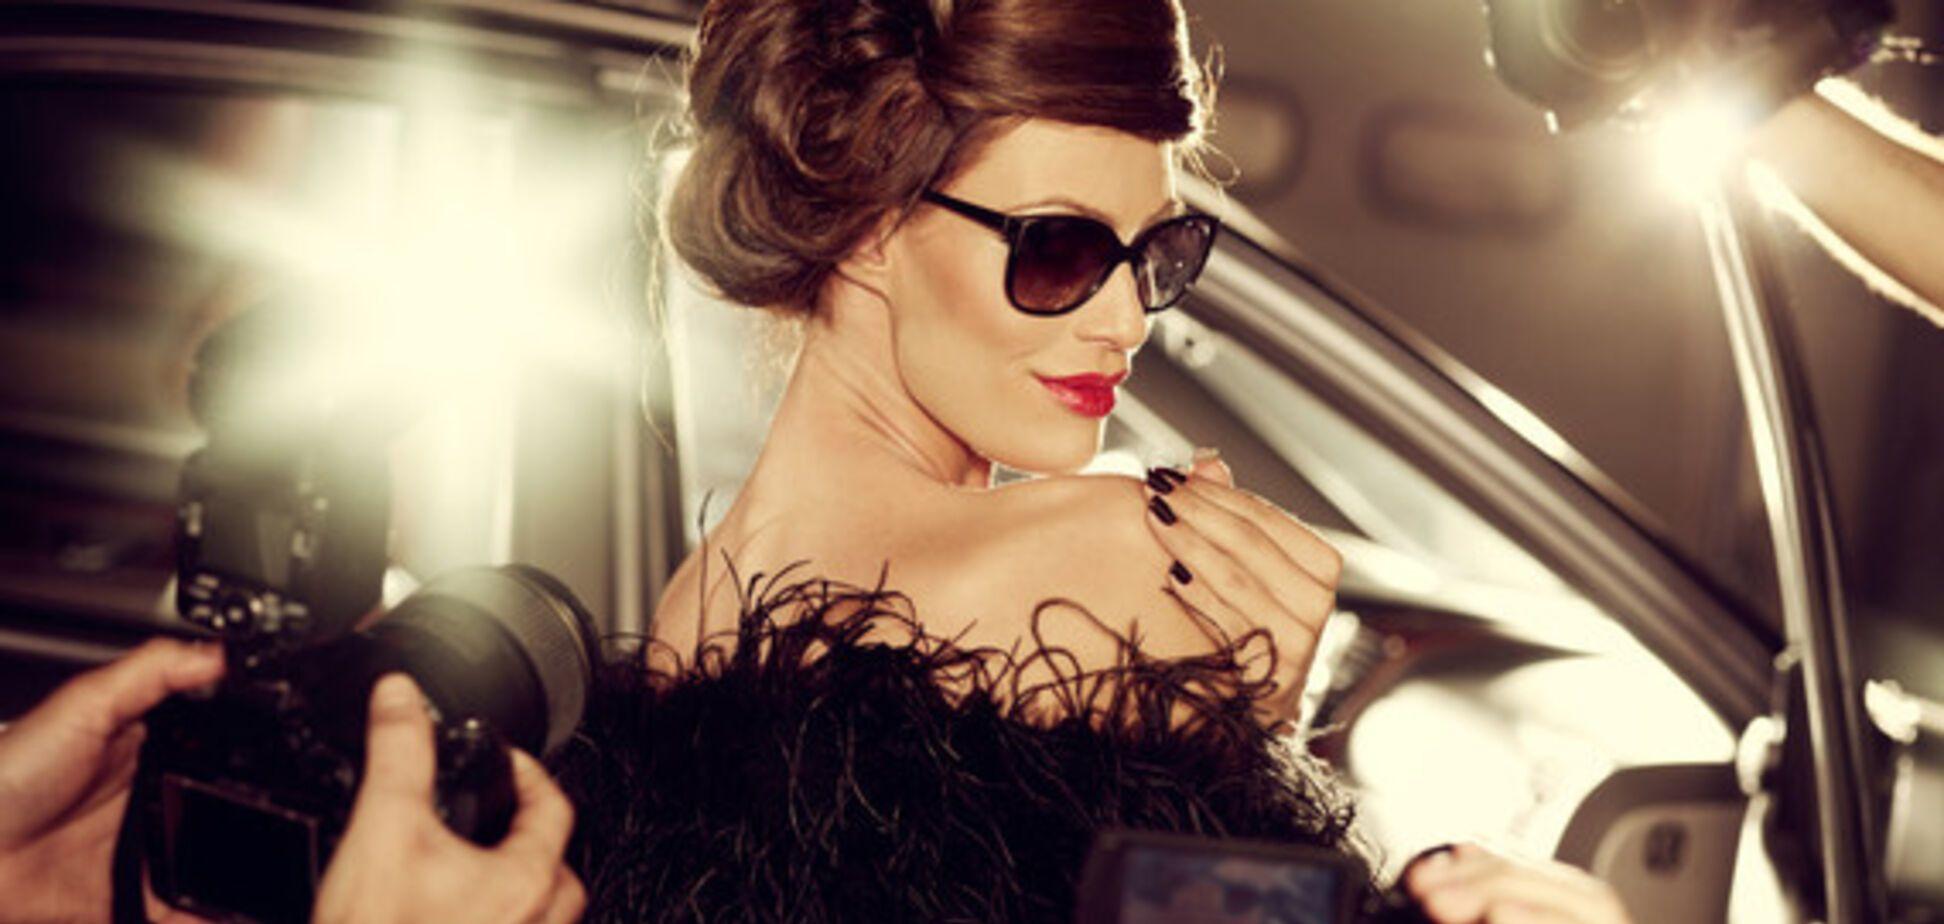 Дорогая женщина: как продаться, но не стать продажной